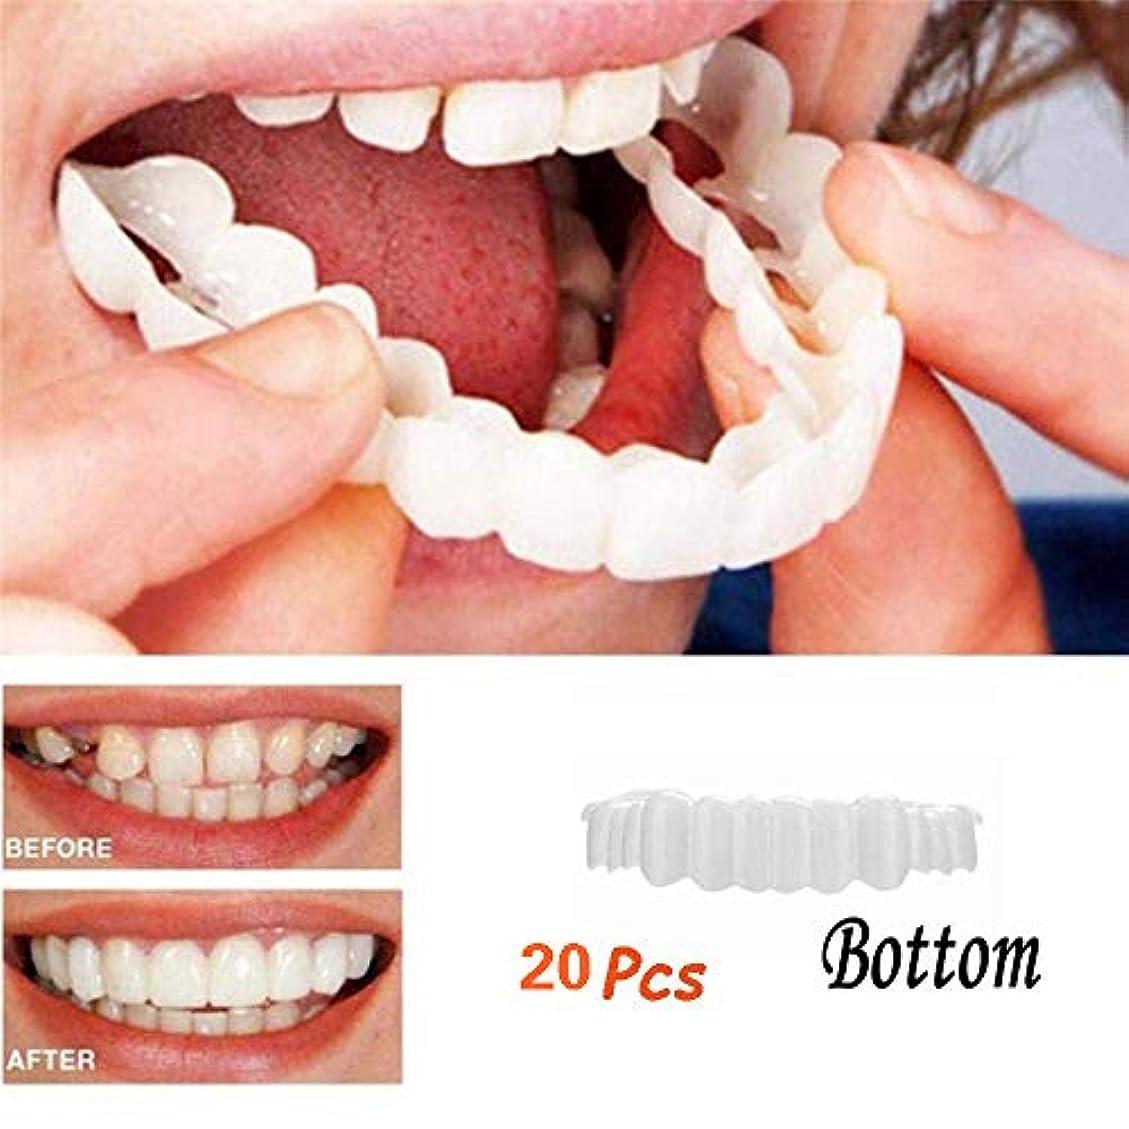 絡まるケージメガロポリスボトム化粧品歯コンフォートフィットフレックス化粧品歯コーブ義歯歯磨き粉インスタントスマイルサイズにぴったり-20個